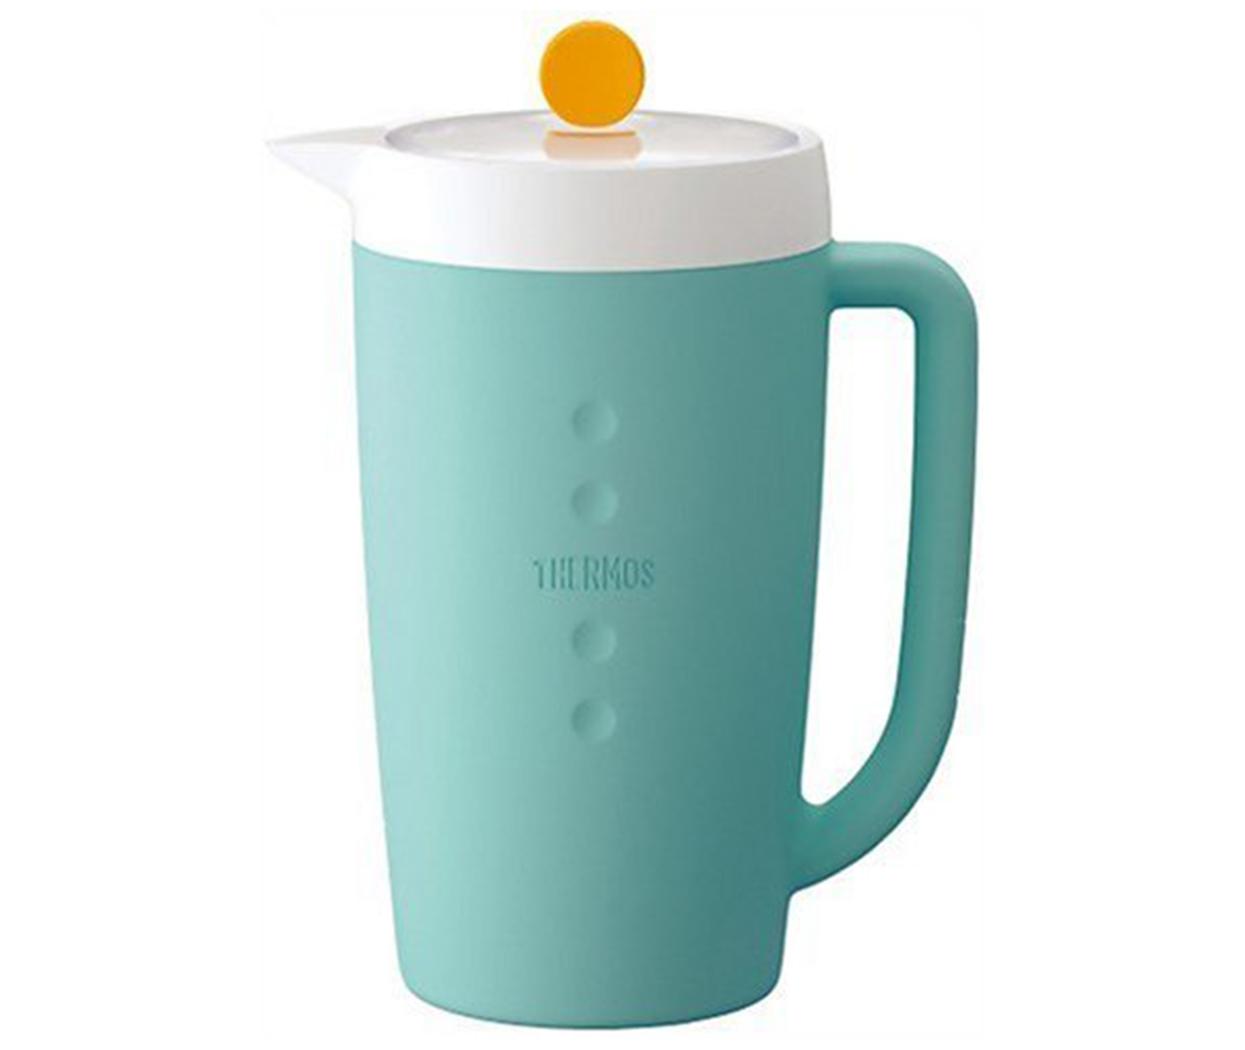 Capacidad: 1.5L  Conserva líquidos fríos por 10 horas  Material: poliuretano  No retiene olores